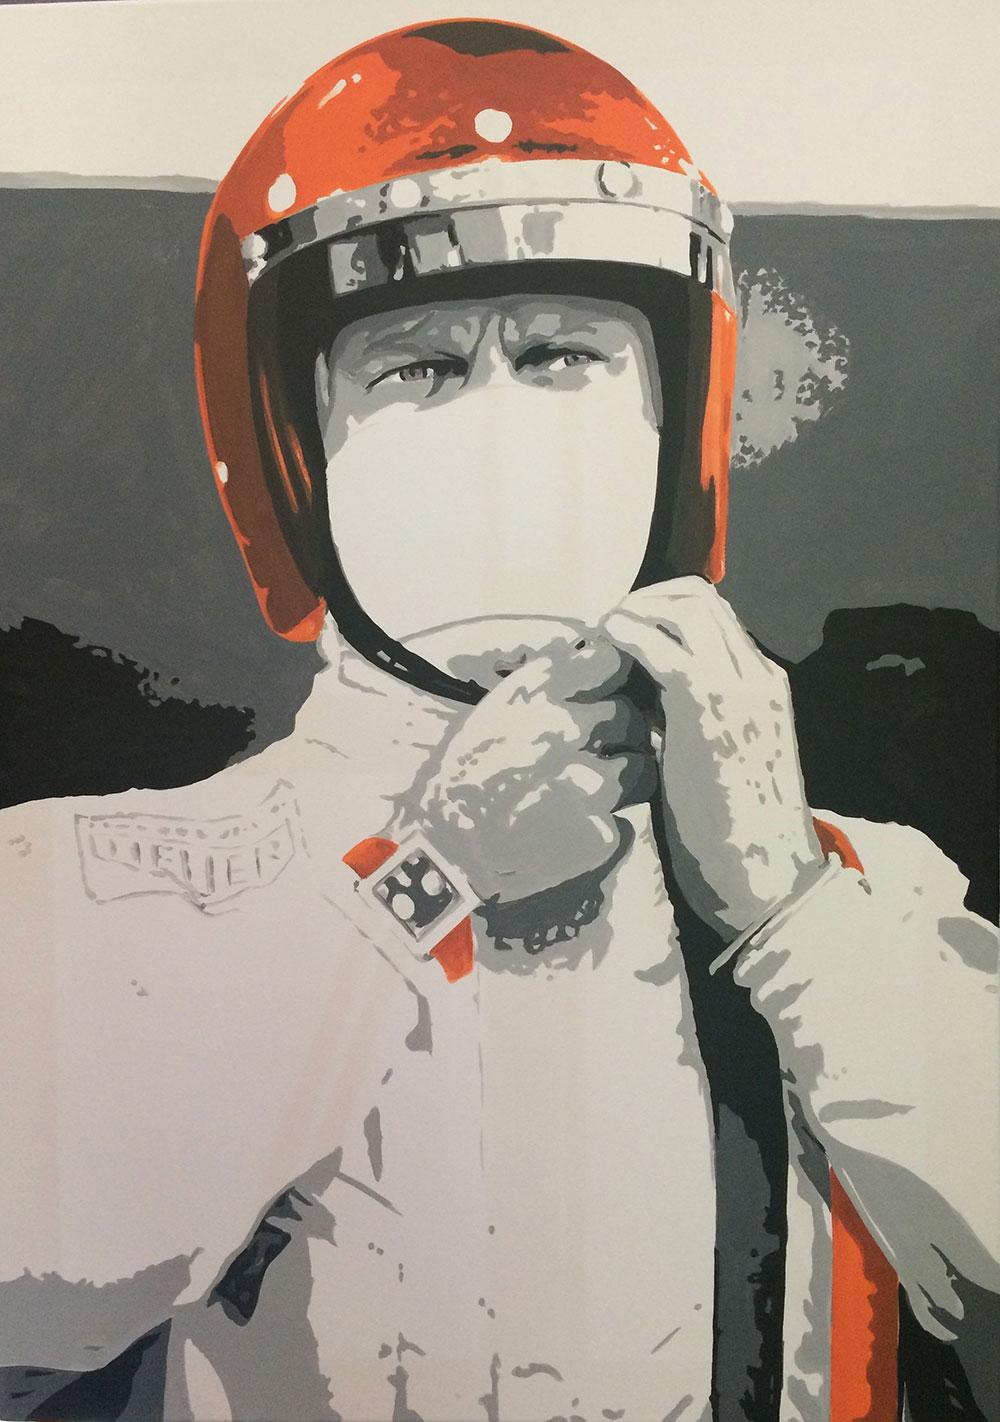 Steve McQueen Pop art